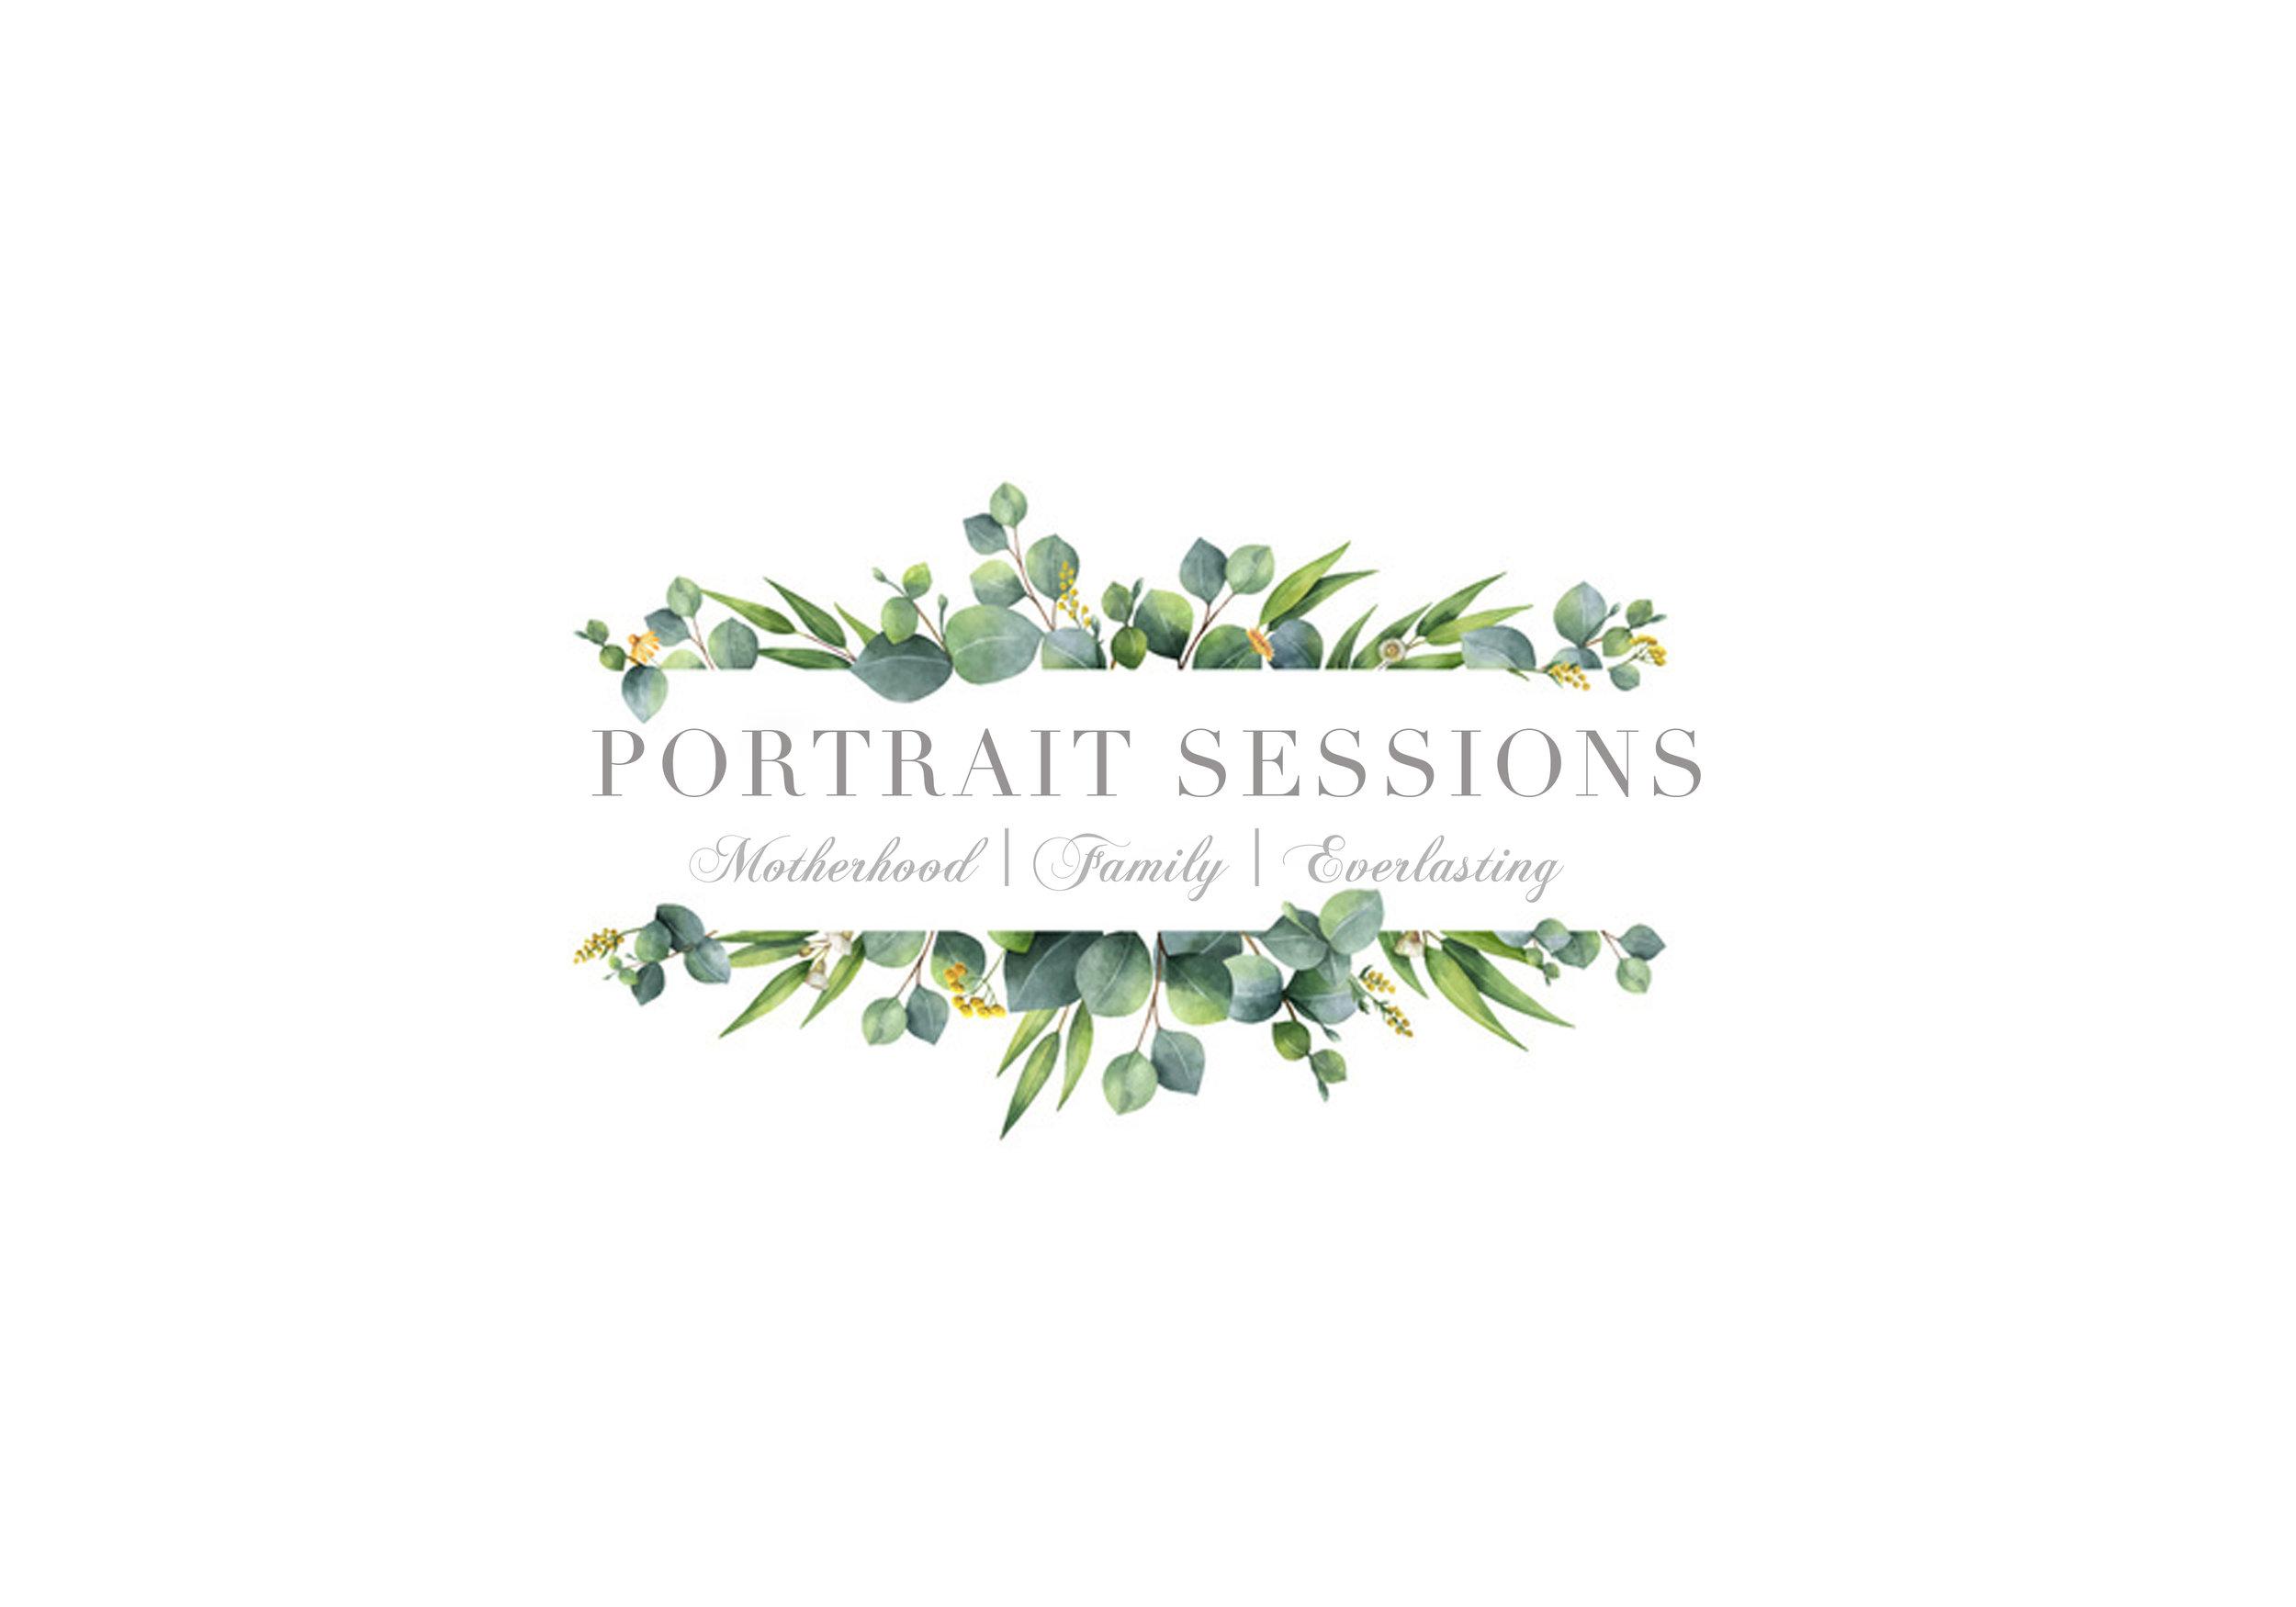 portrait sessions Title.jpg